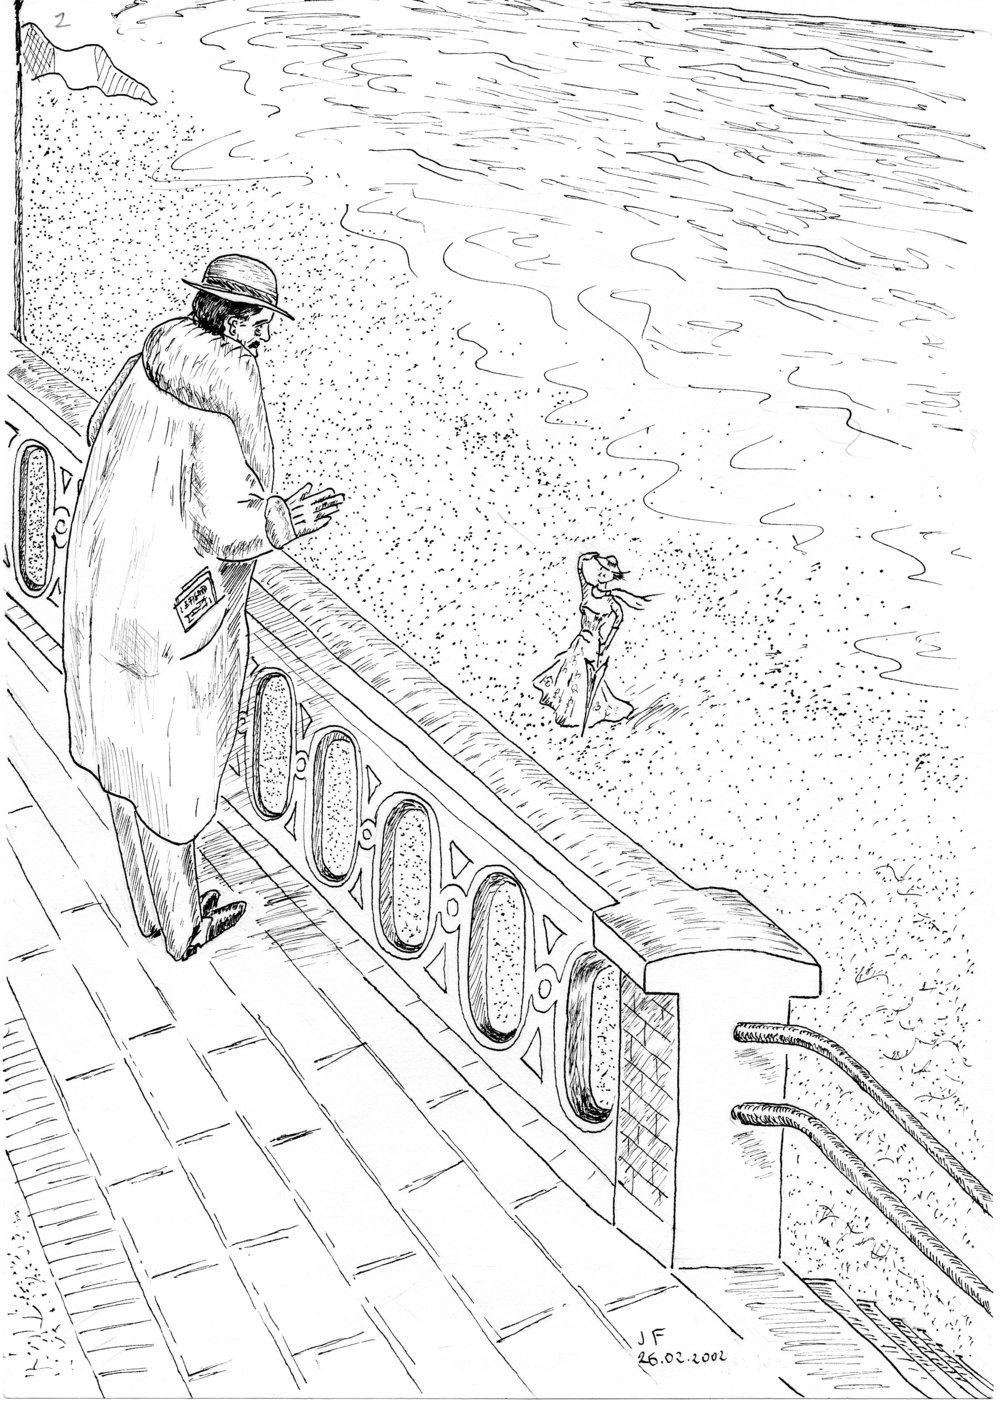 2-Marcel fait un signe amical à une jeune  fille sur la plage.jpg